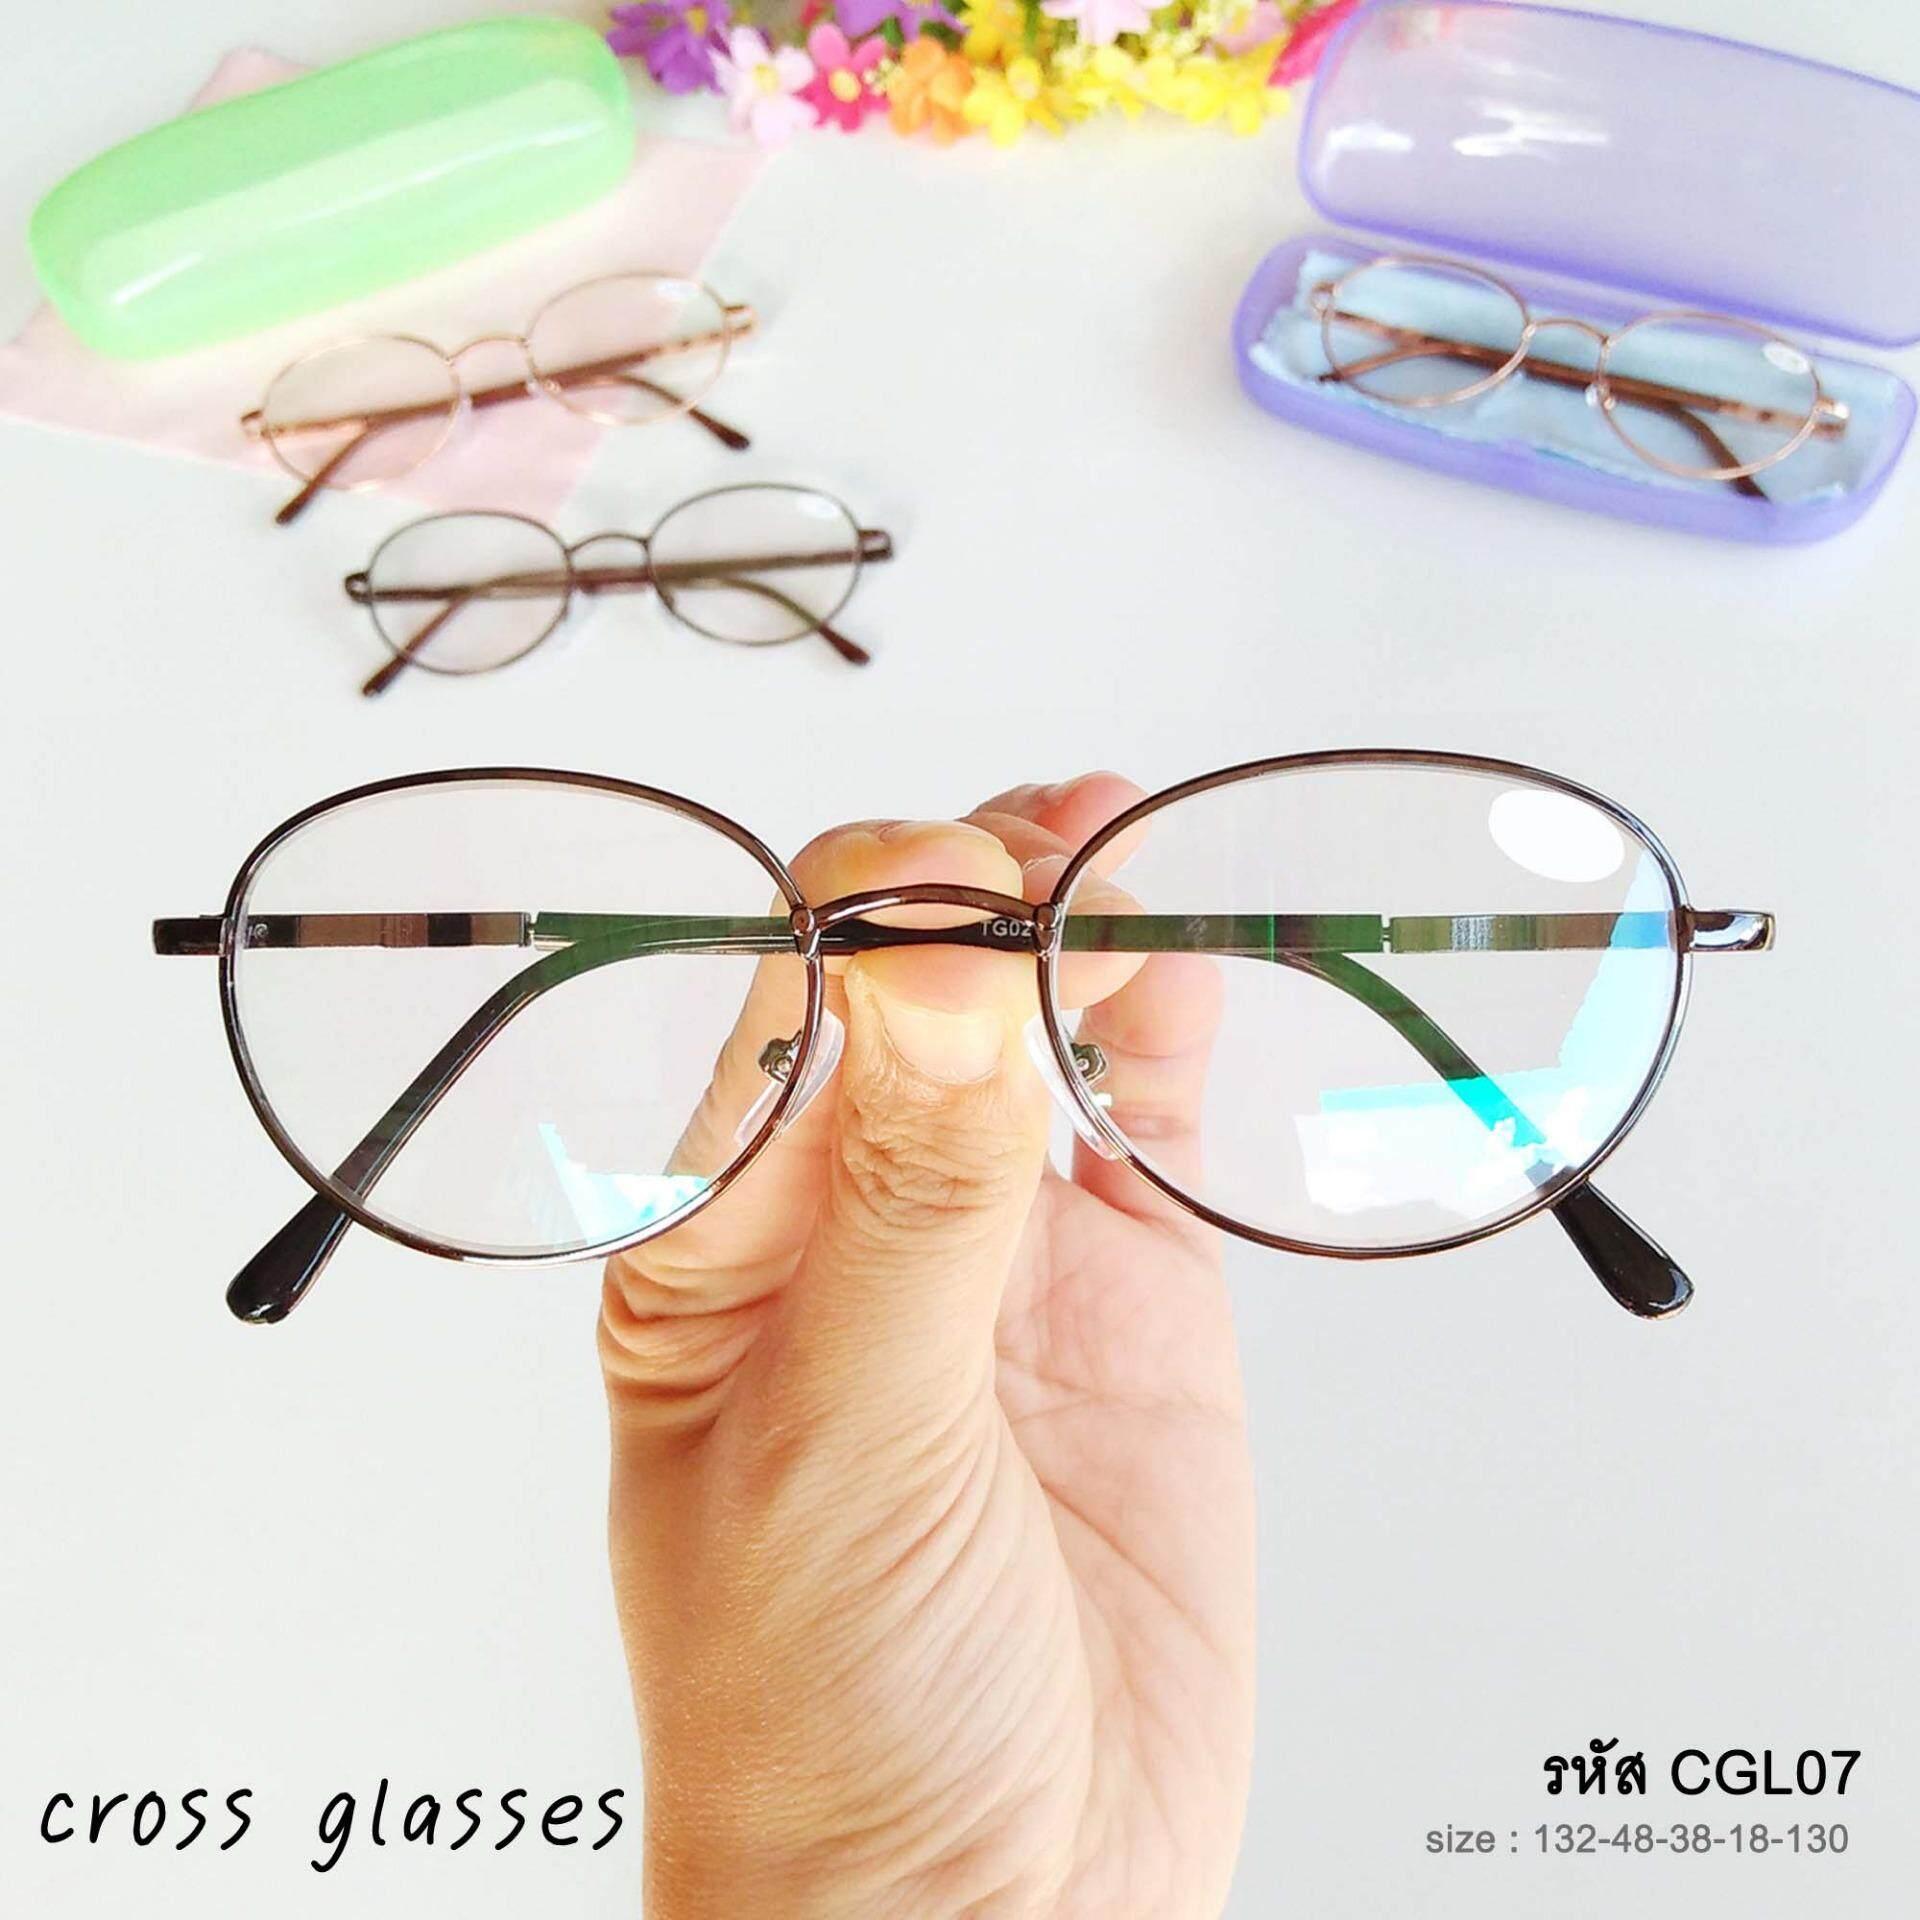 ซื้อ แว่นสายตายาว 1 75 เลนส์กรองแสง ทรงหยดน้ำ รหัส Cgl07 ออนไลน์